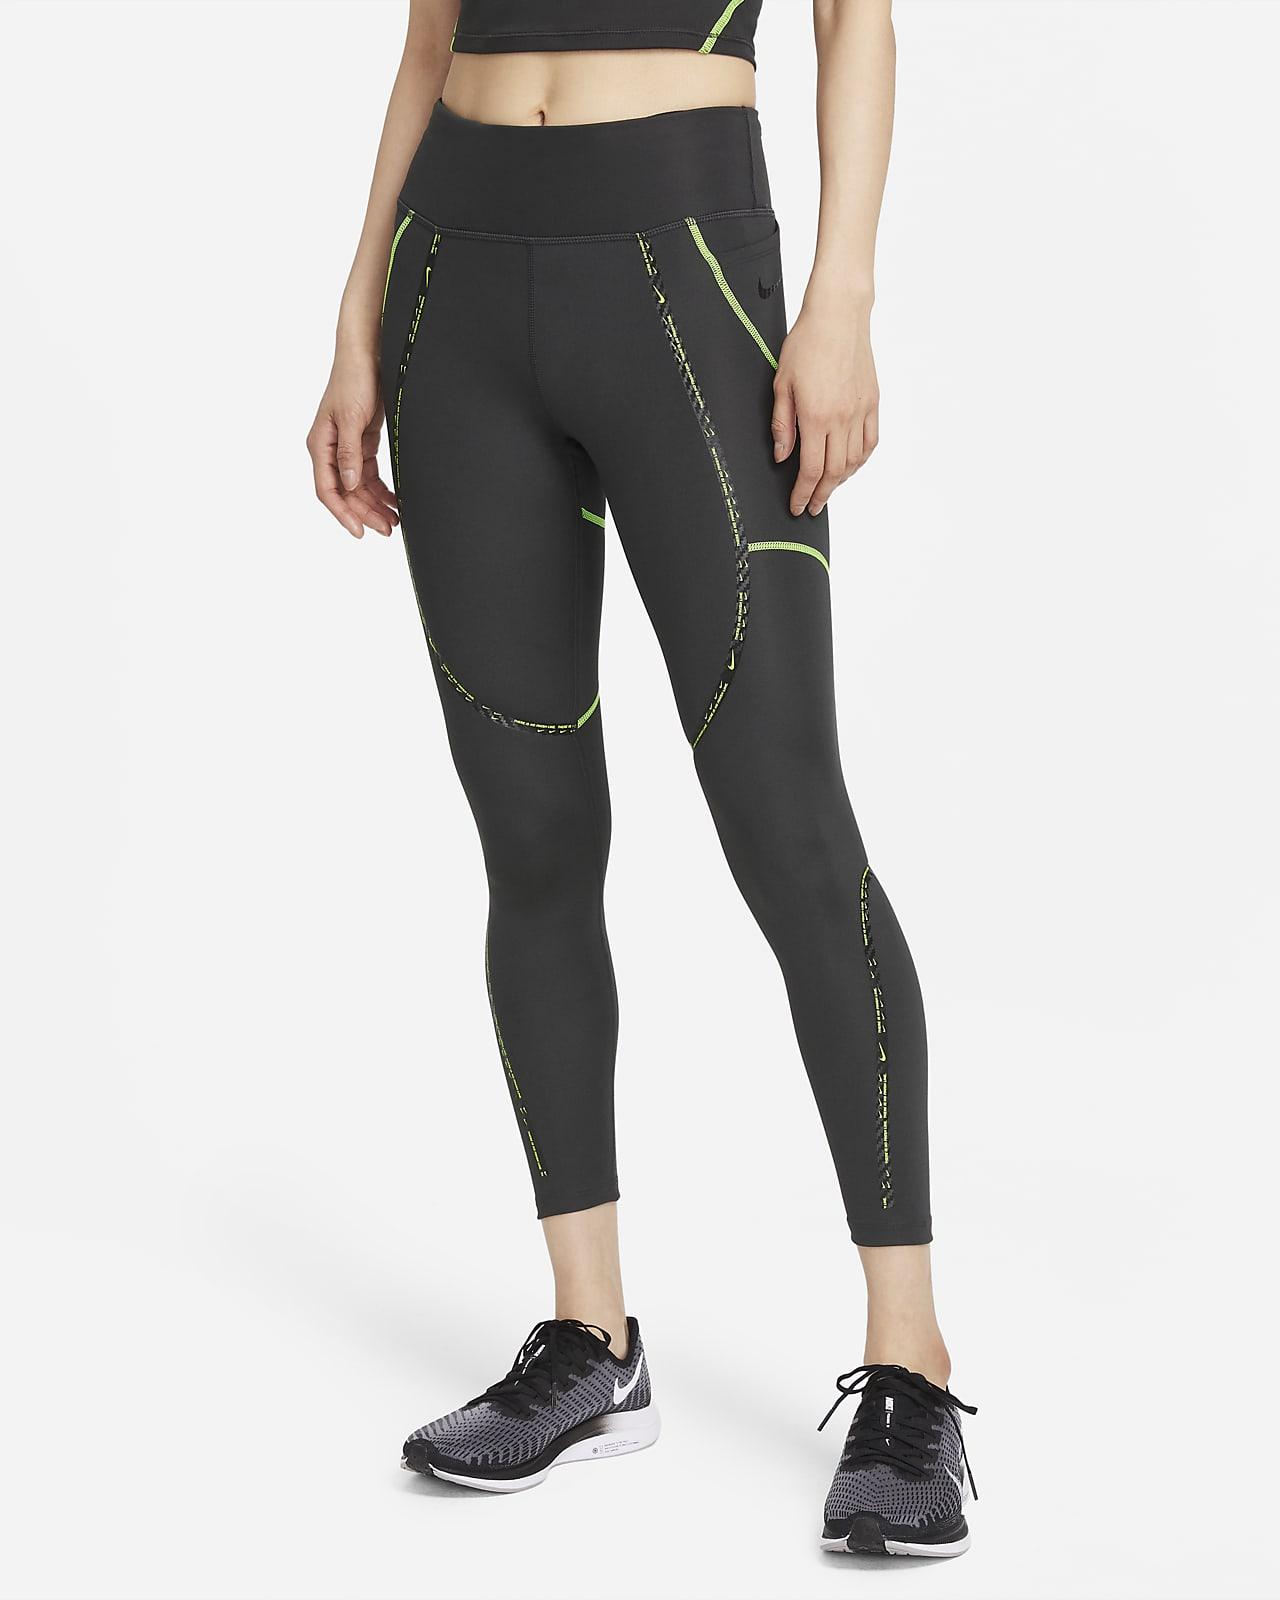 เลกกิ้งวิ่งเอวปานกลาง 7/8 ส่วนติดแถบคาดผู้หญิง Nike Epic Faster